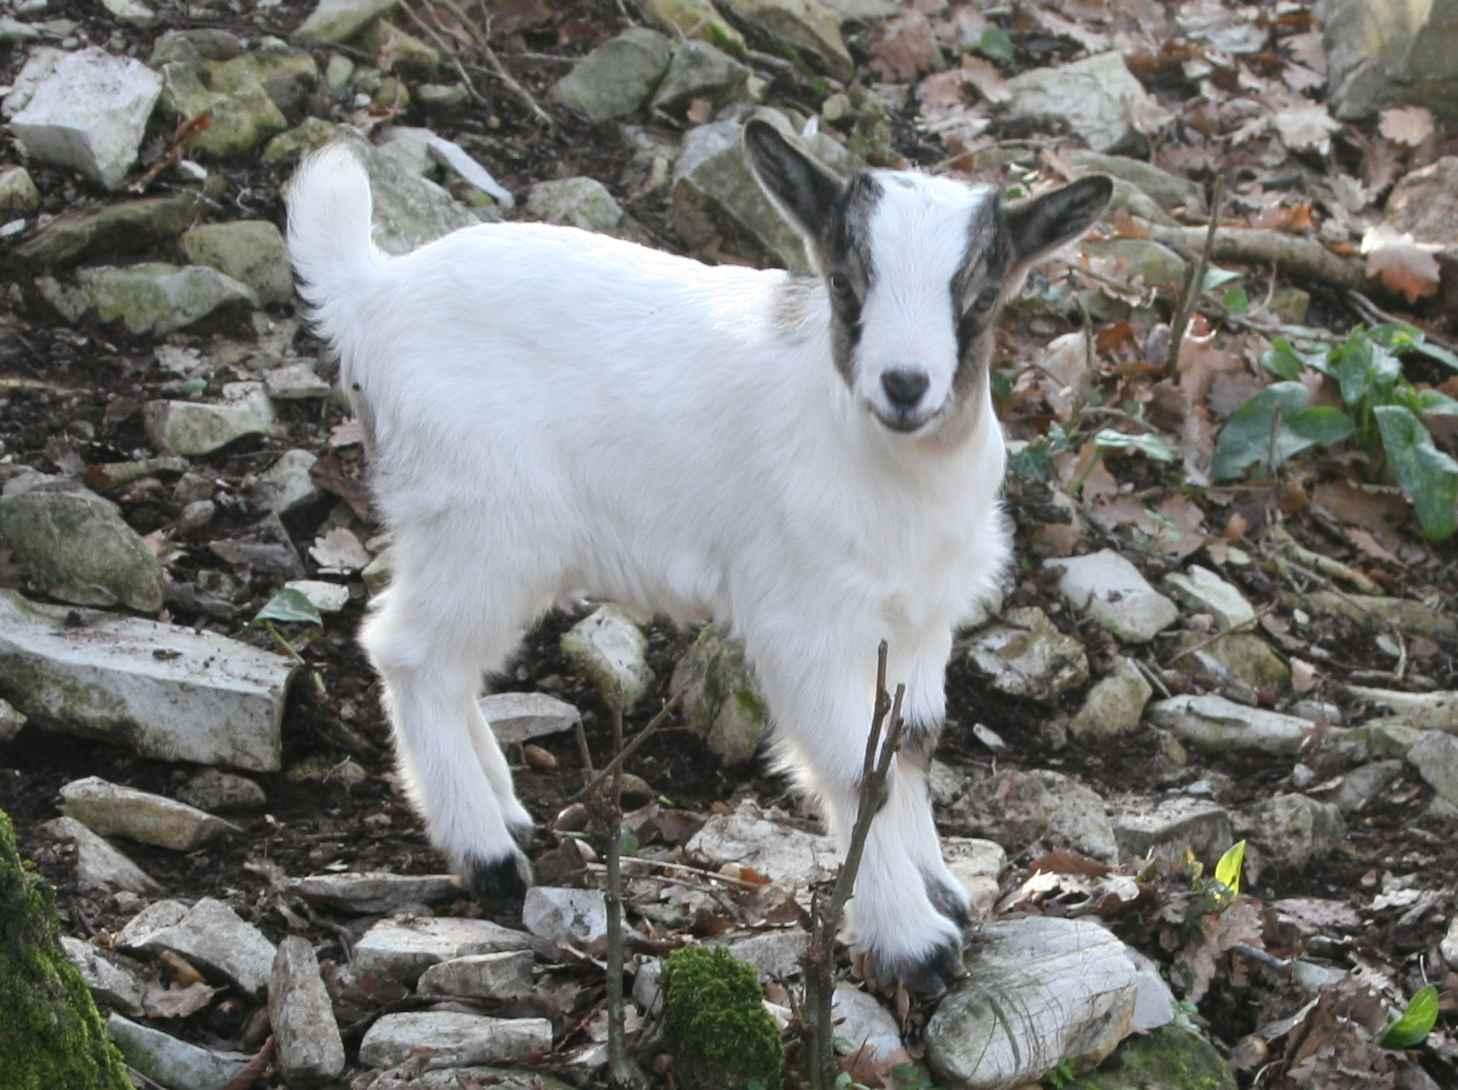 La capra tibetana: Caratteristiche e distribuzione geografica